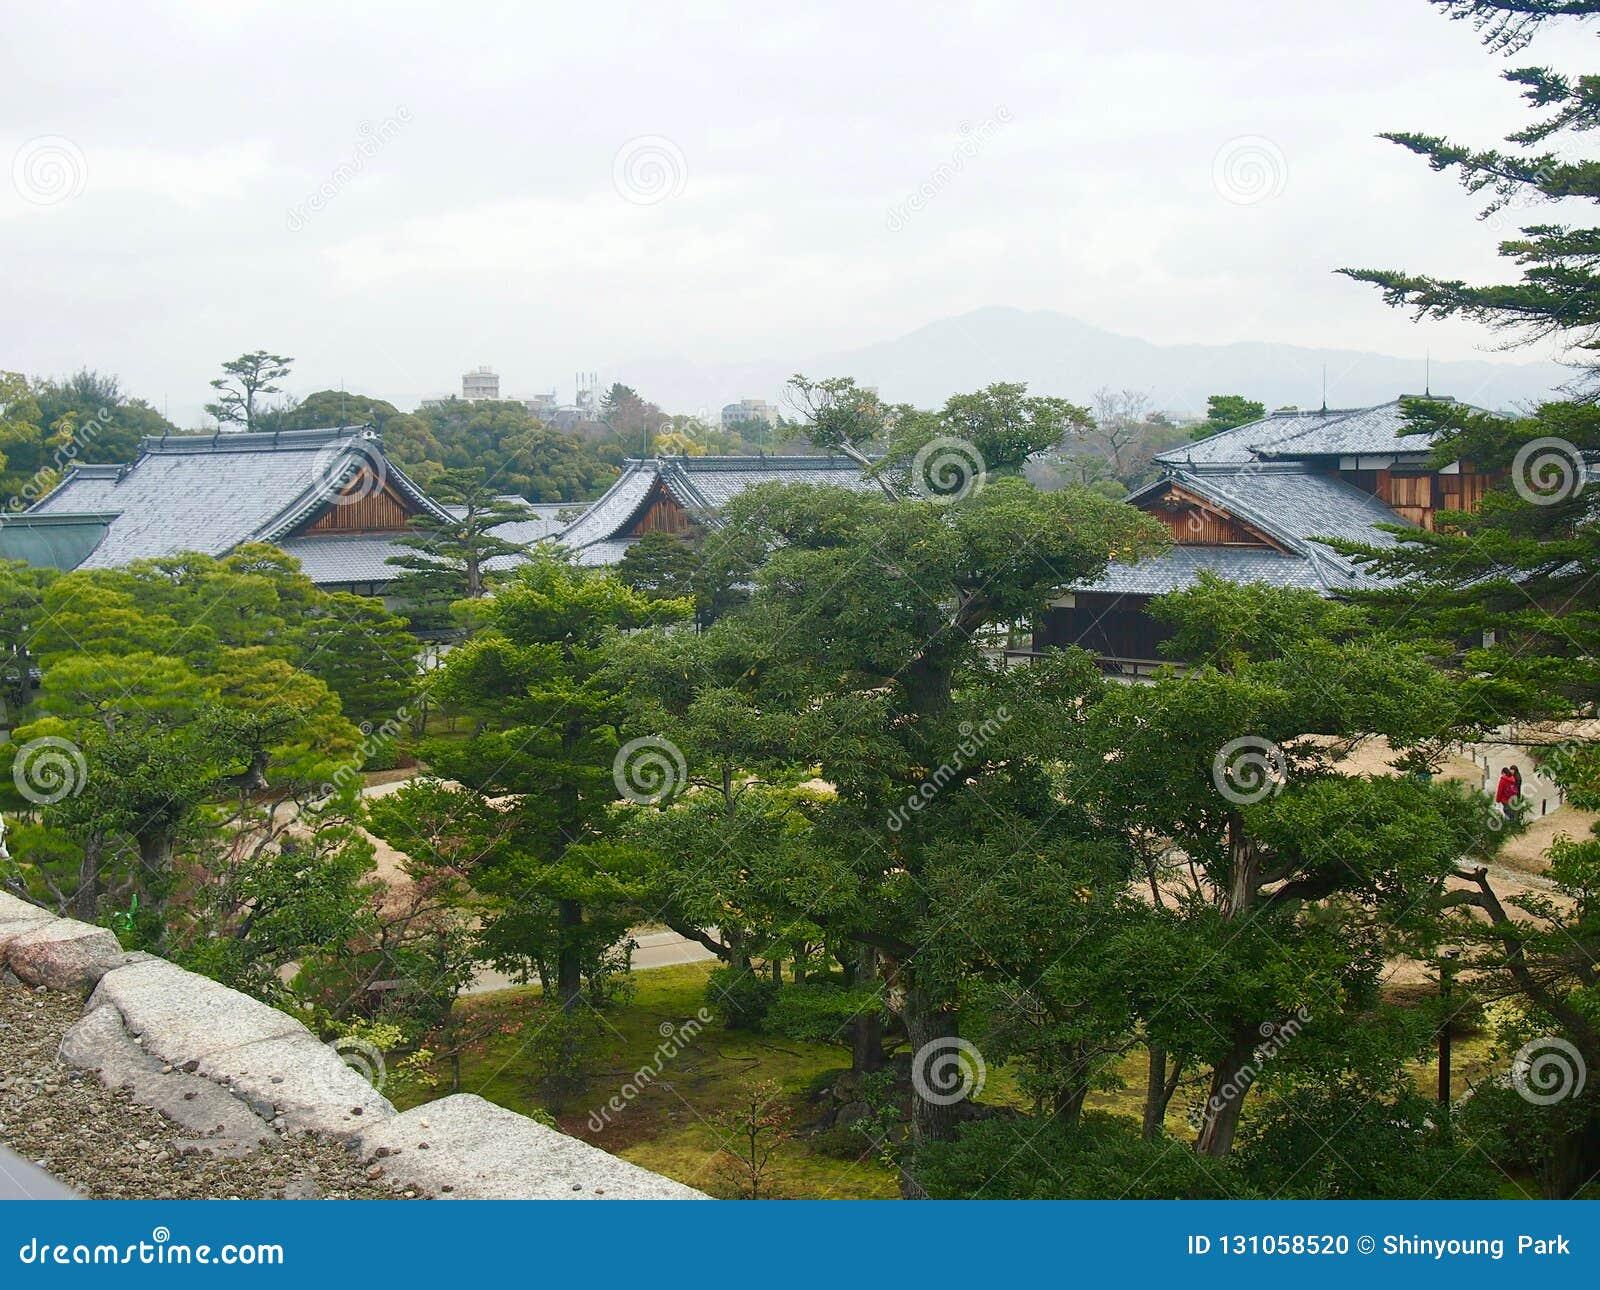 Japoński arboretum, ogród botaniczny z zielonymi drzewami